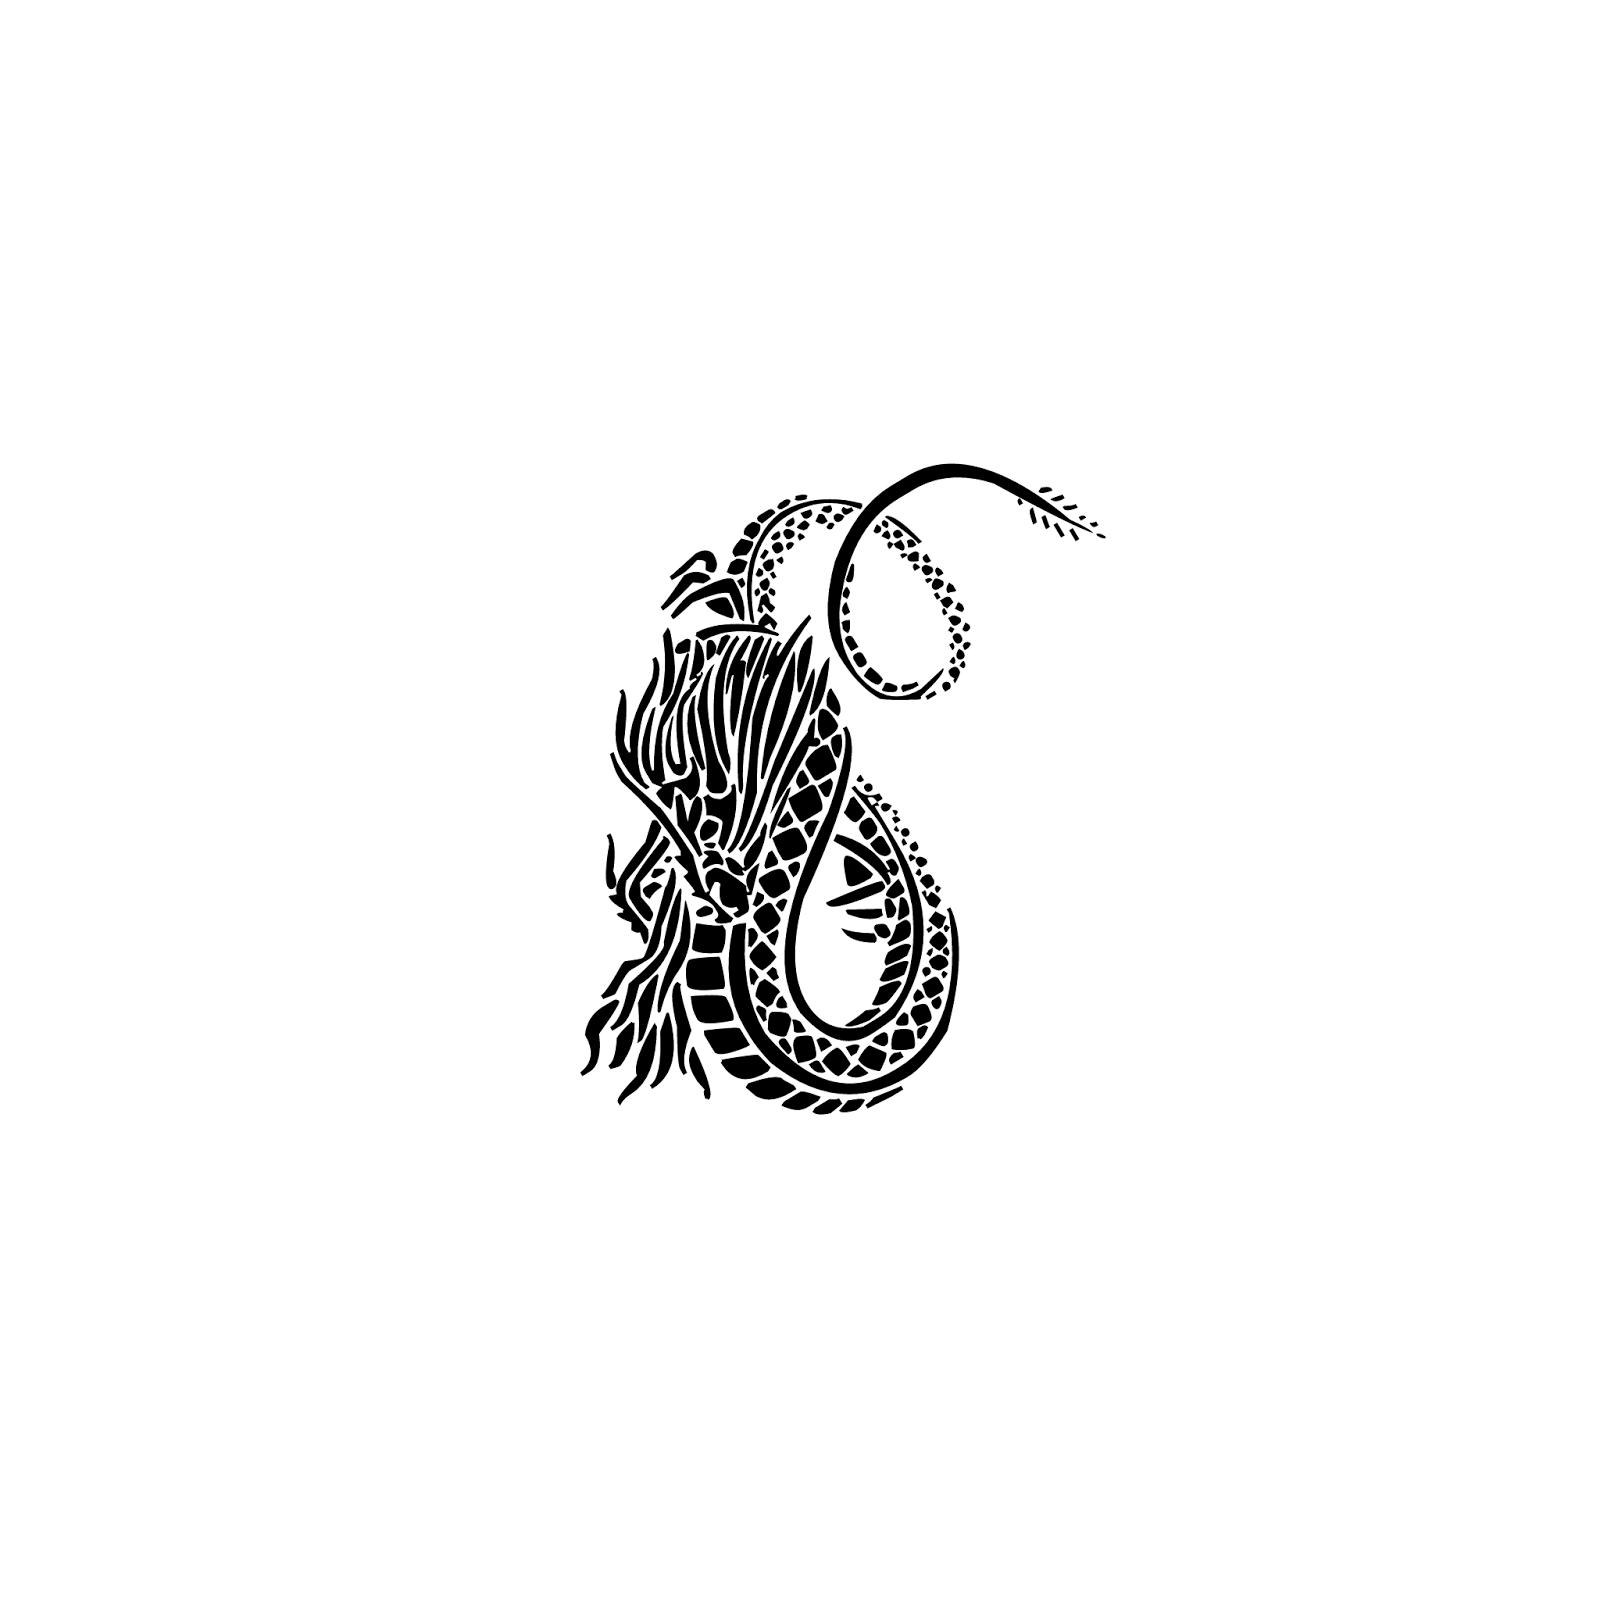 pankaj logo hd - photo #14